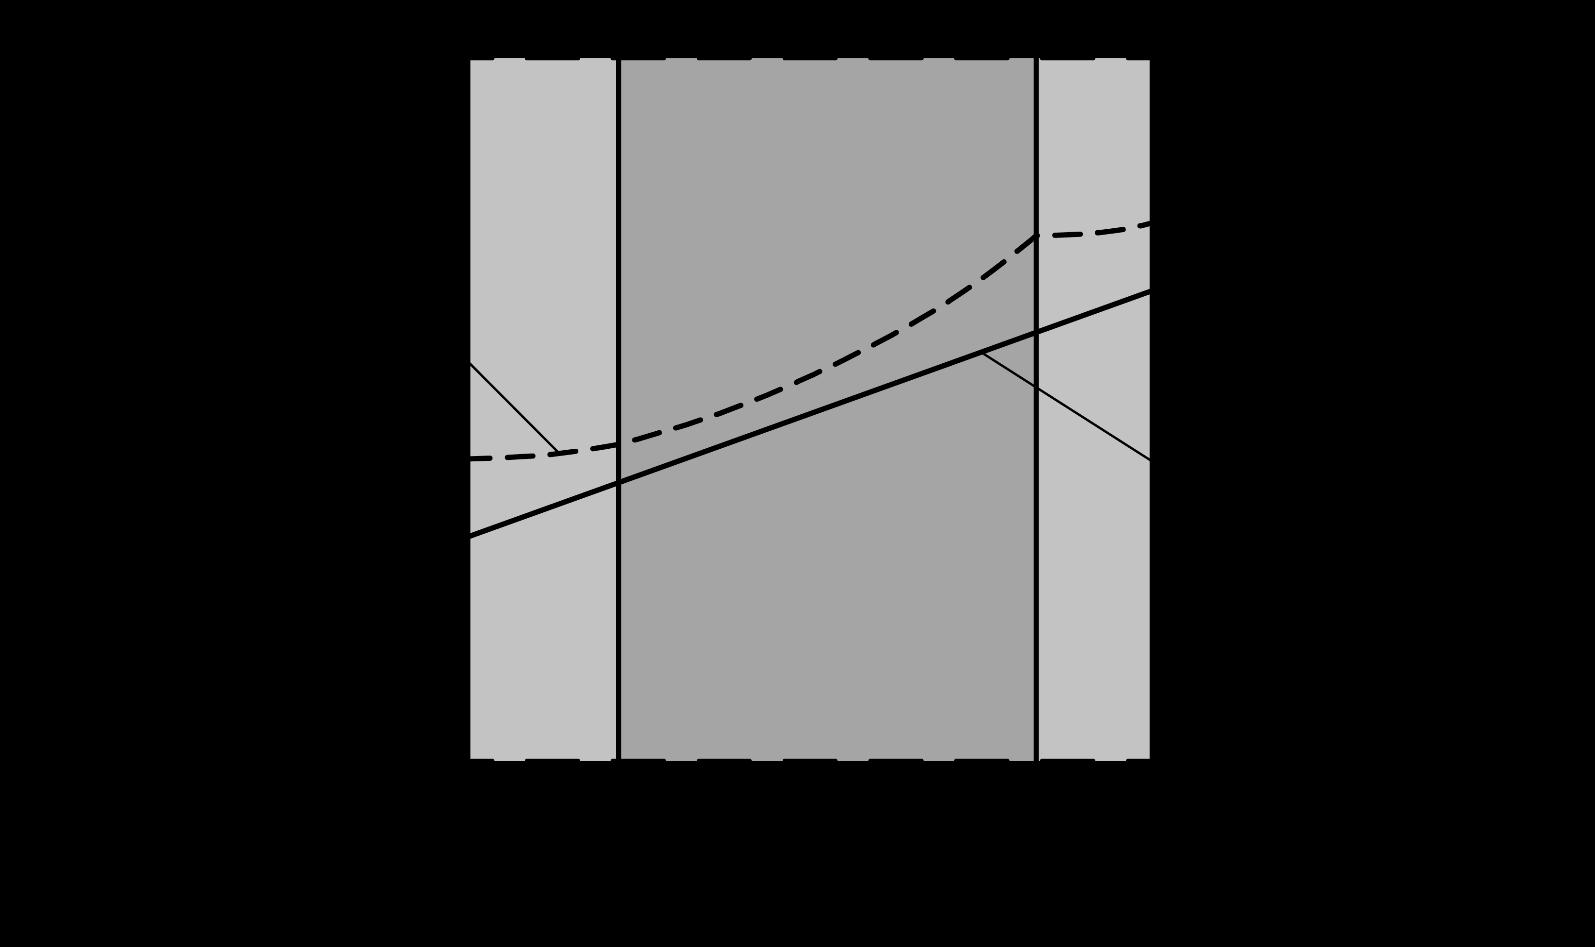 Verlauf von Wasserdampf-Sättigungsdruck psat und Wasserdampf-Teildruck p in einem dreischichtigen Bauteil ohne Kondensation – ÖNORM B 8110-2